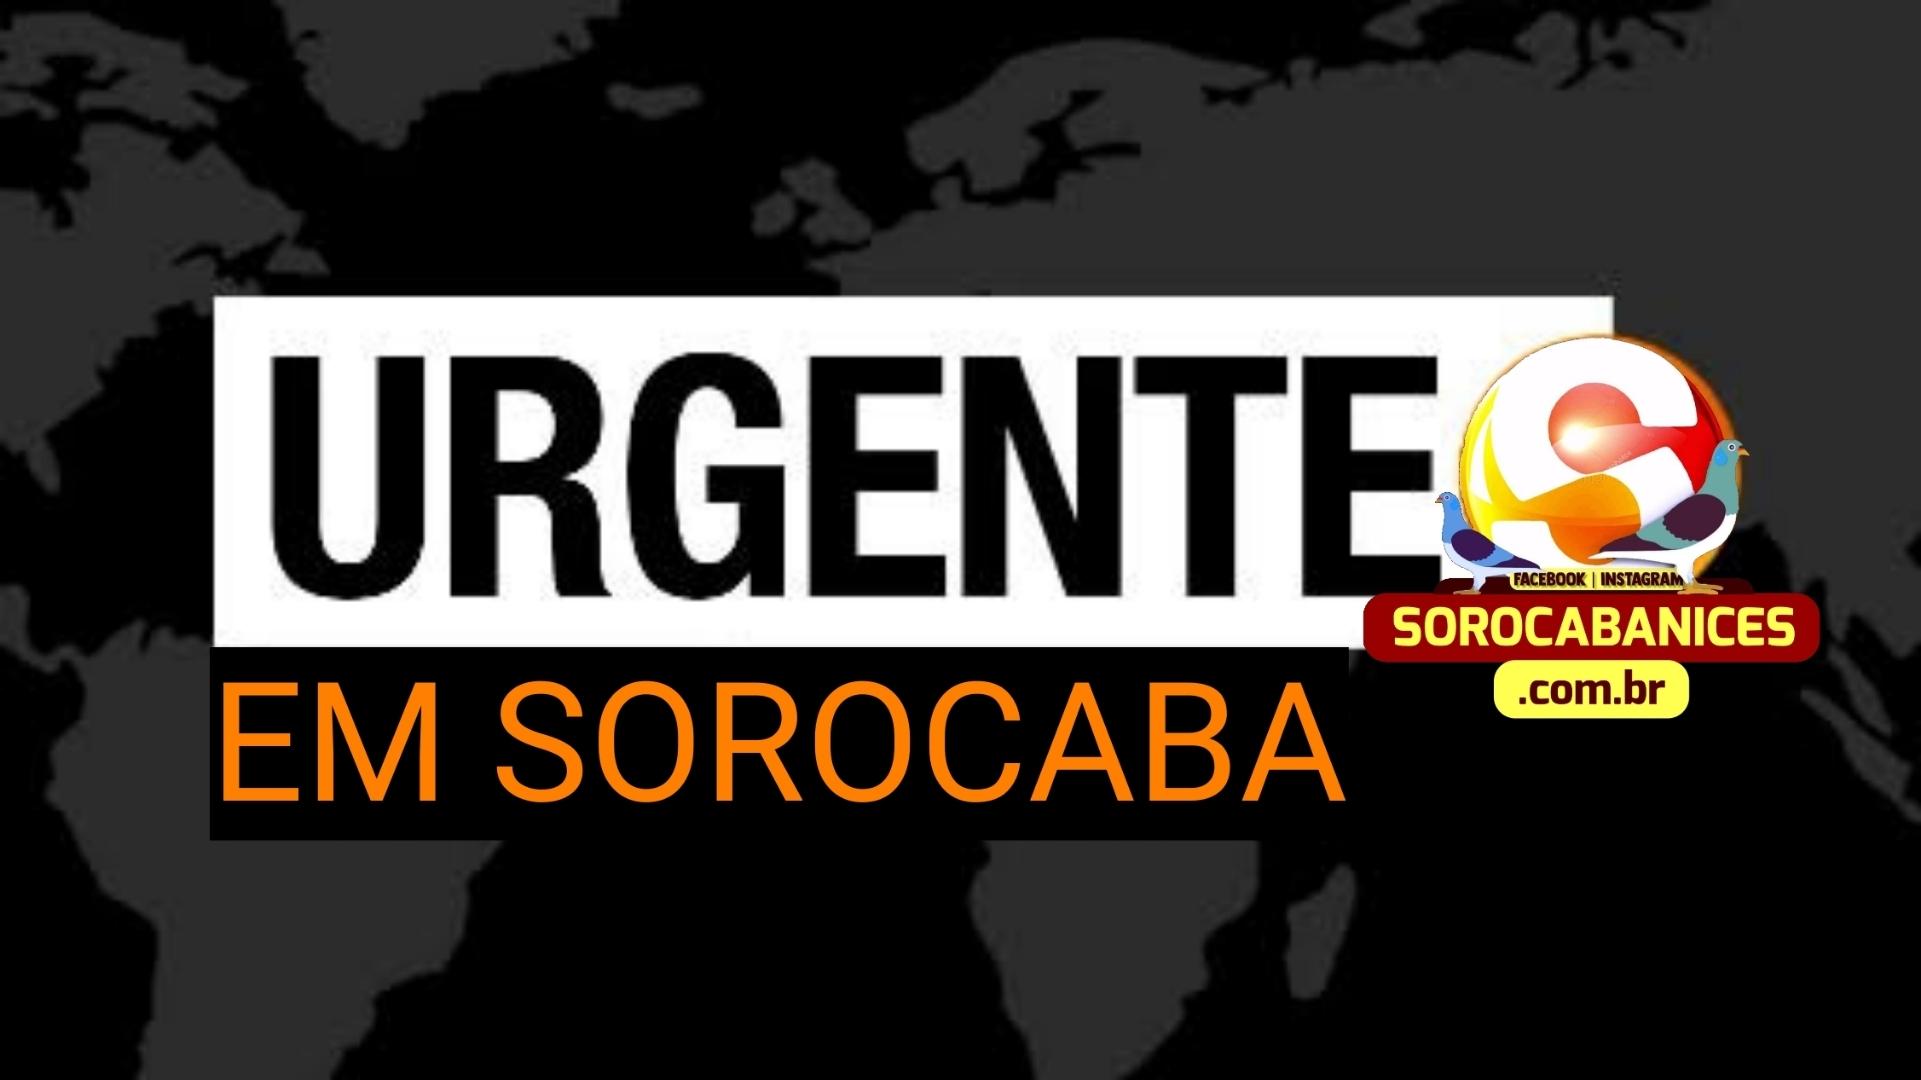 Vizinhos realizam parto de emergência em jovem no Pq. Vitória Régia em Sorocaba